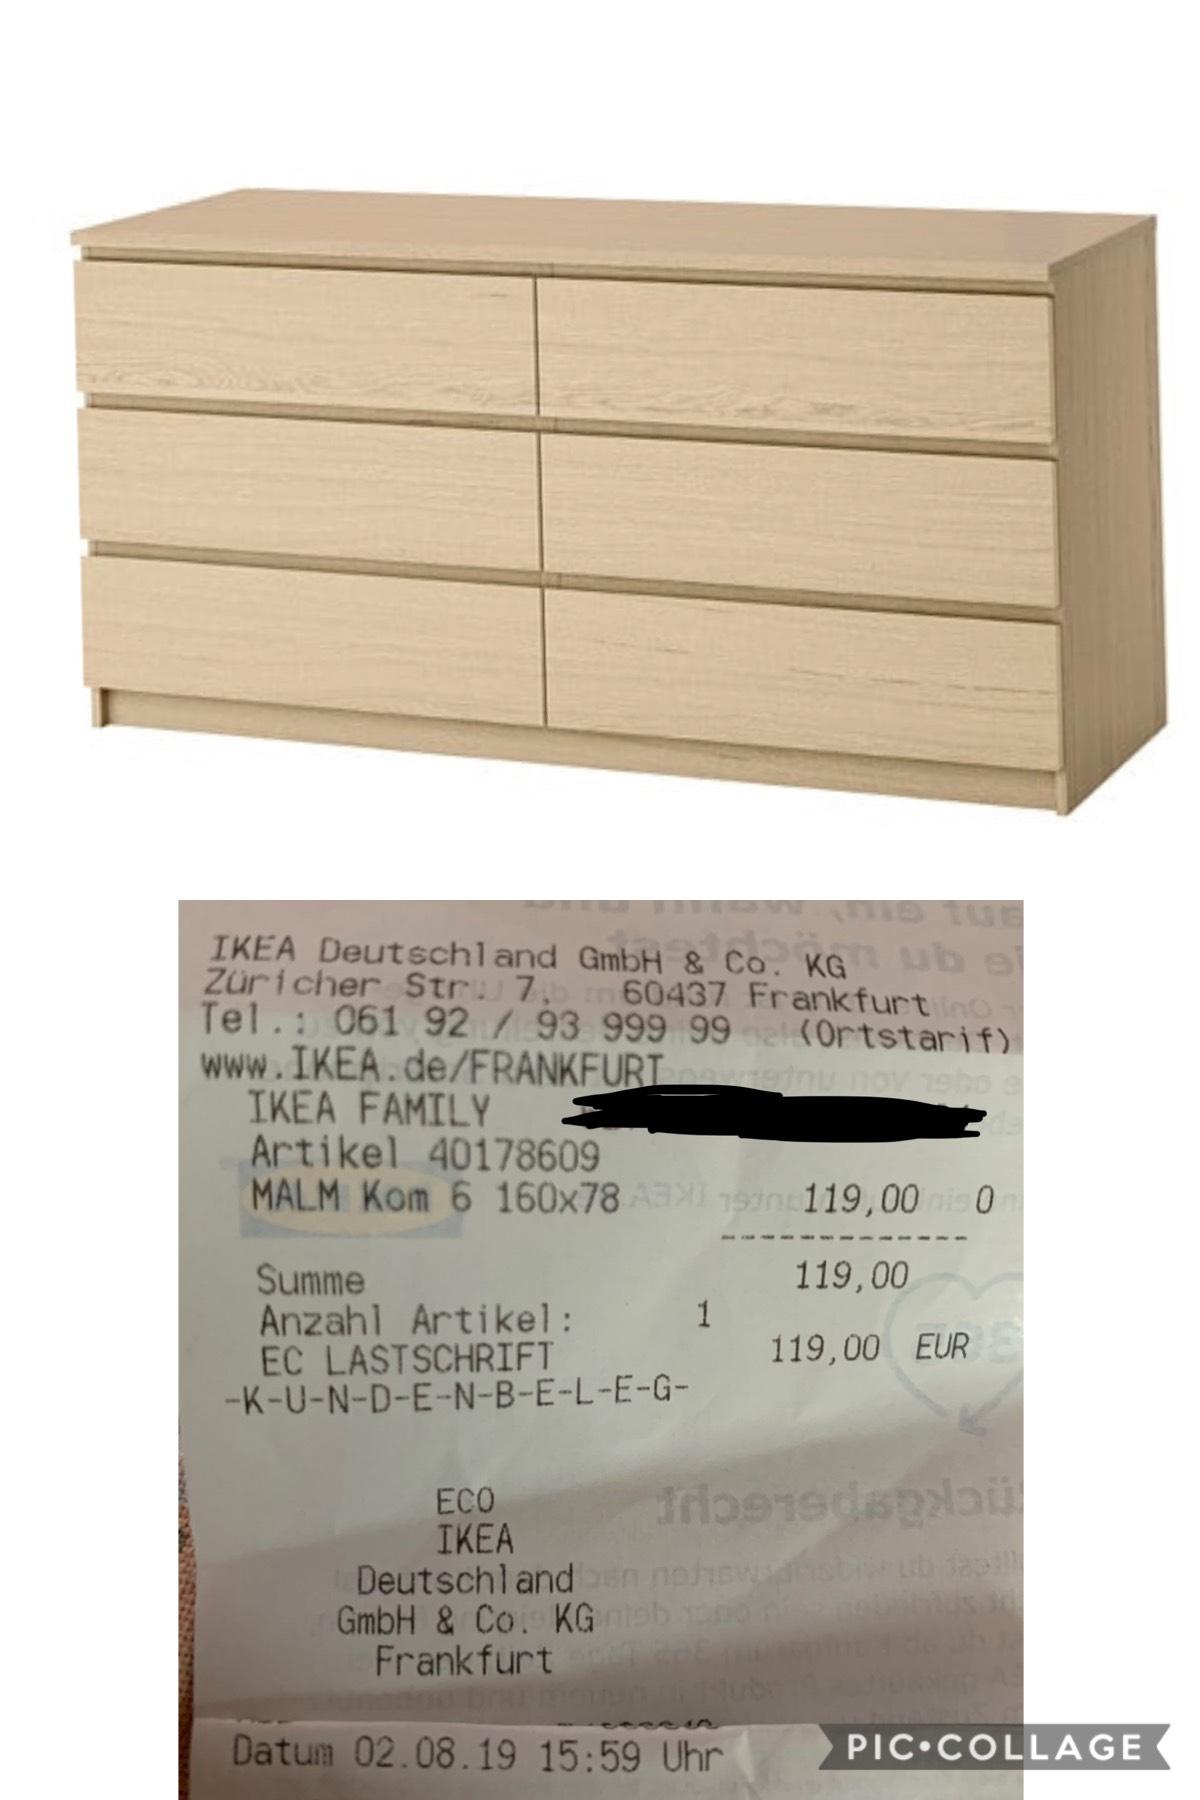 (Ikea) Verschiedene Malm Kommoden in Frankfurt reduziert, bspw. mit 6 Schubladen in Eichenfunier weiß lasiert Ikea (Lokal Frankfurt)